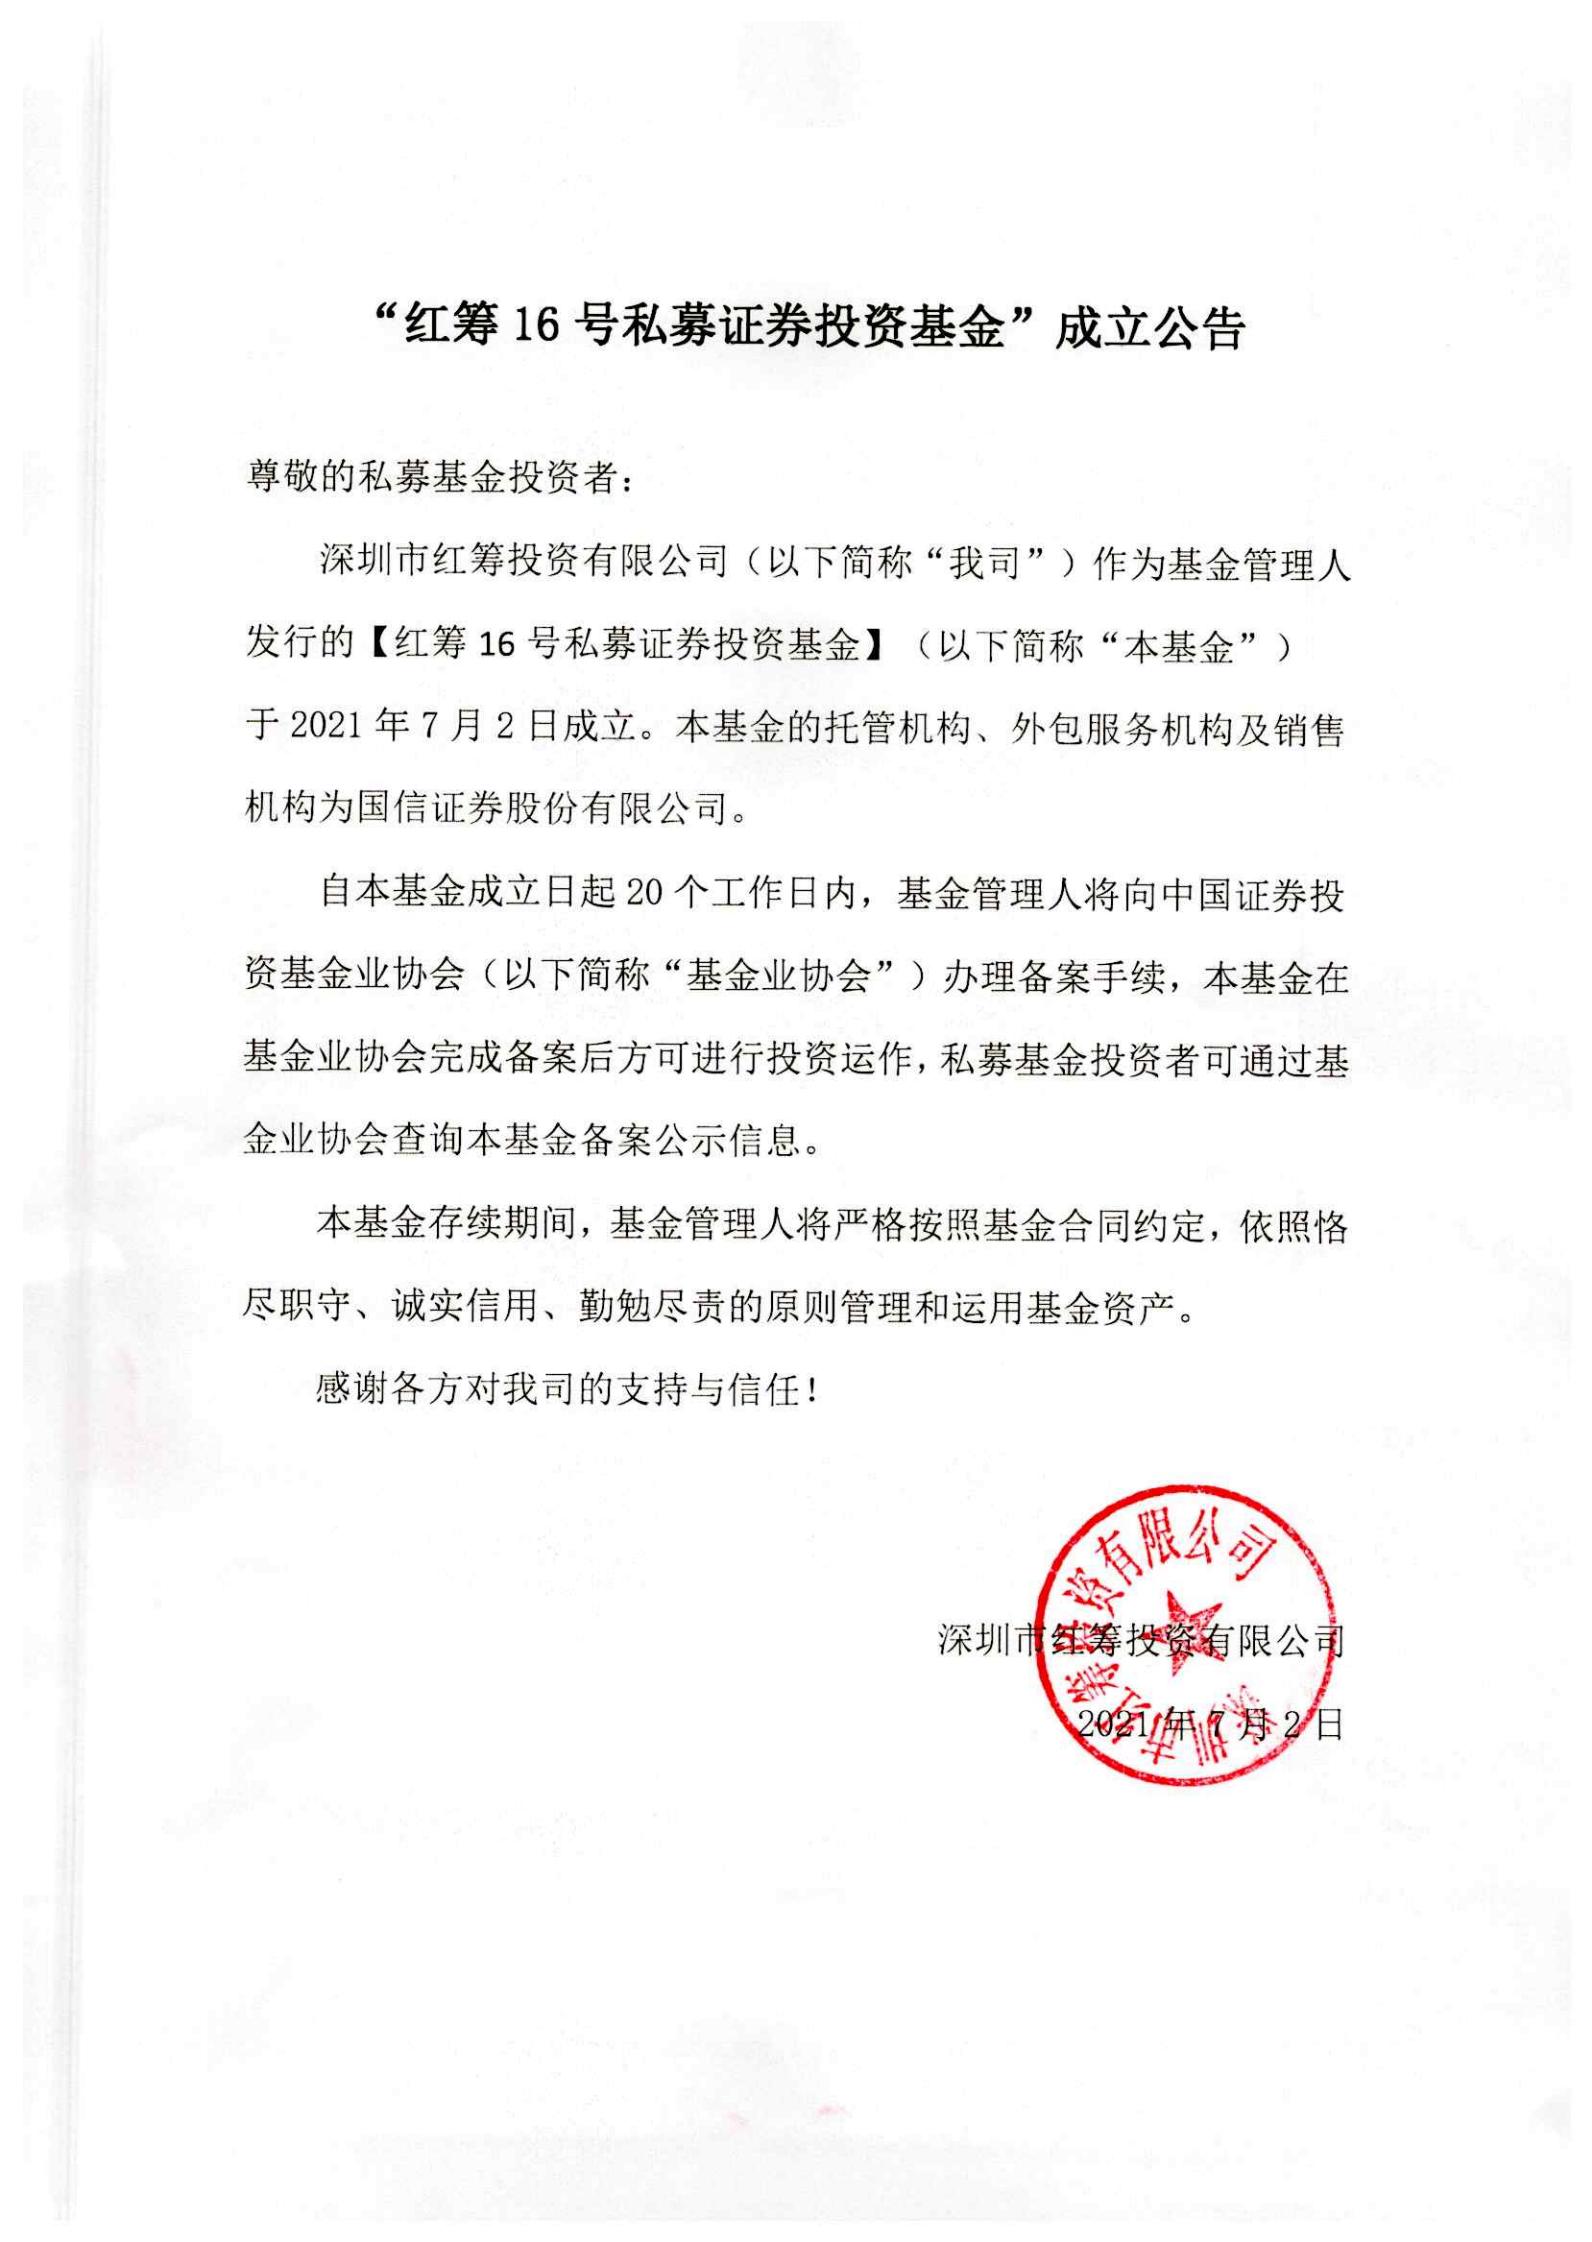 红筹16号私募证券投资基金-成立公告_00.png